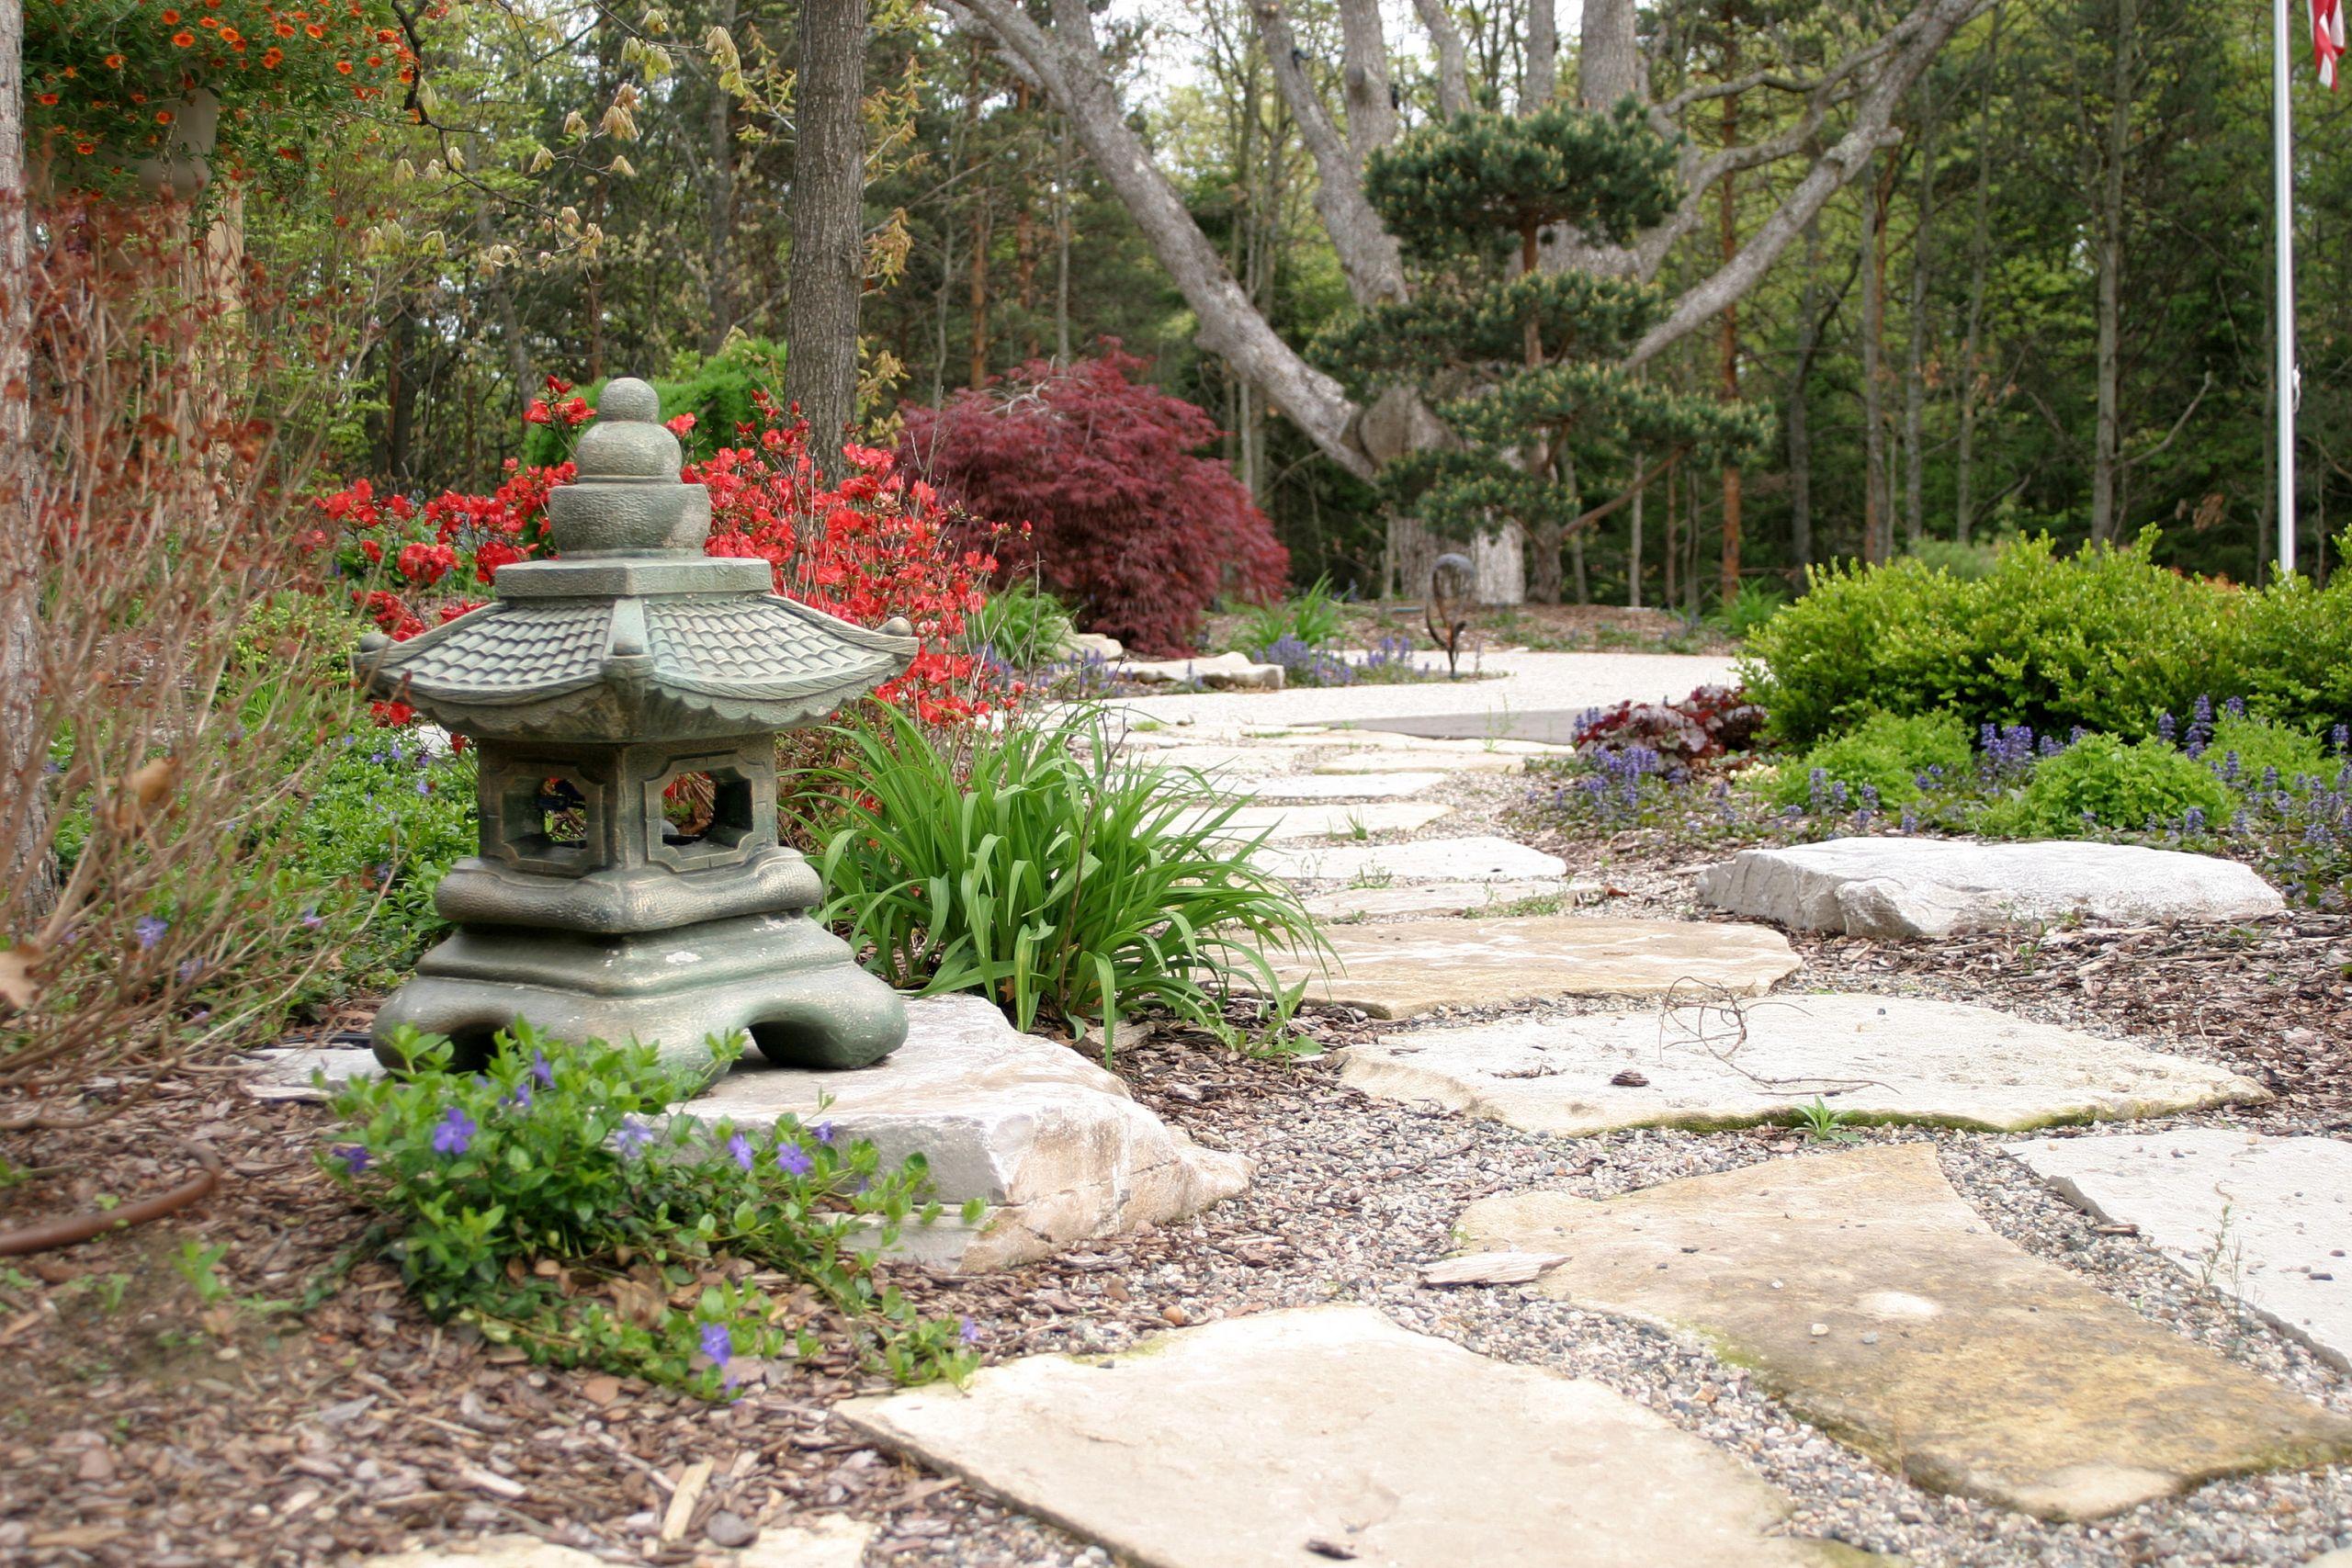 Outdoor Landscape Decor  Garden Structures Decorative Landscape